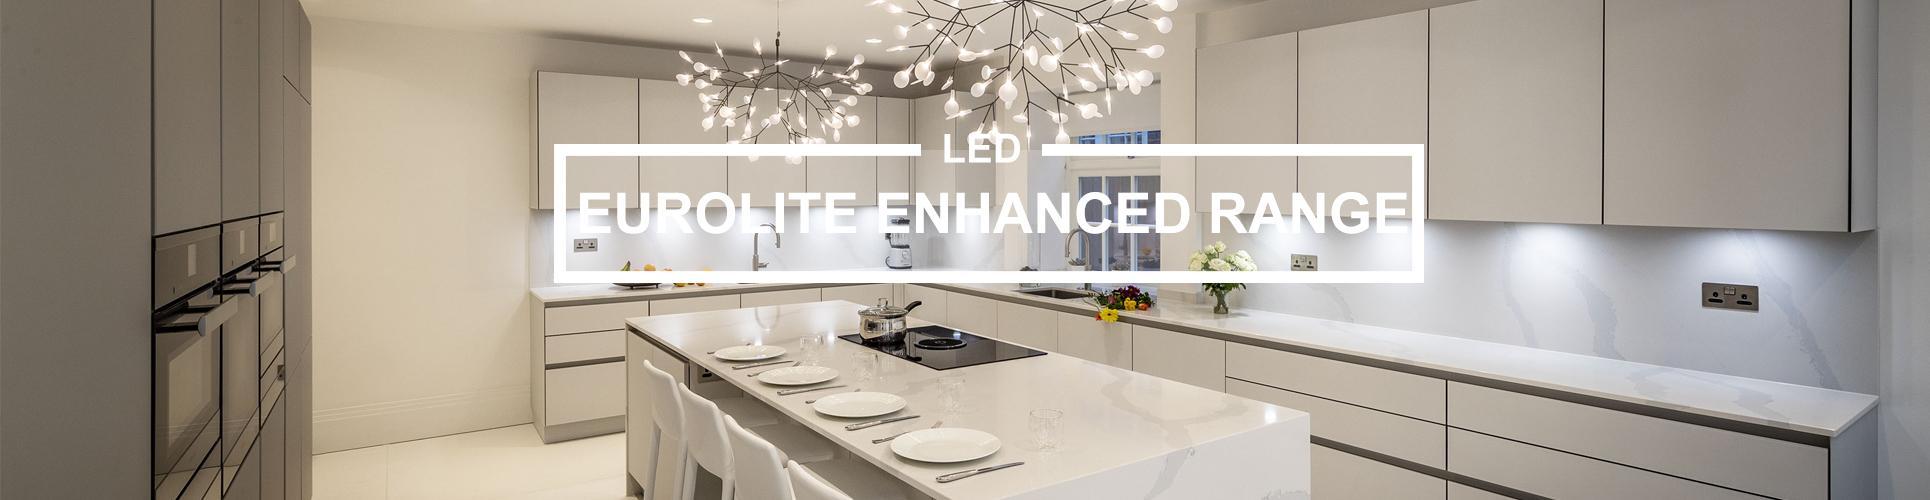 Eurolite Enhanced Range